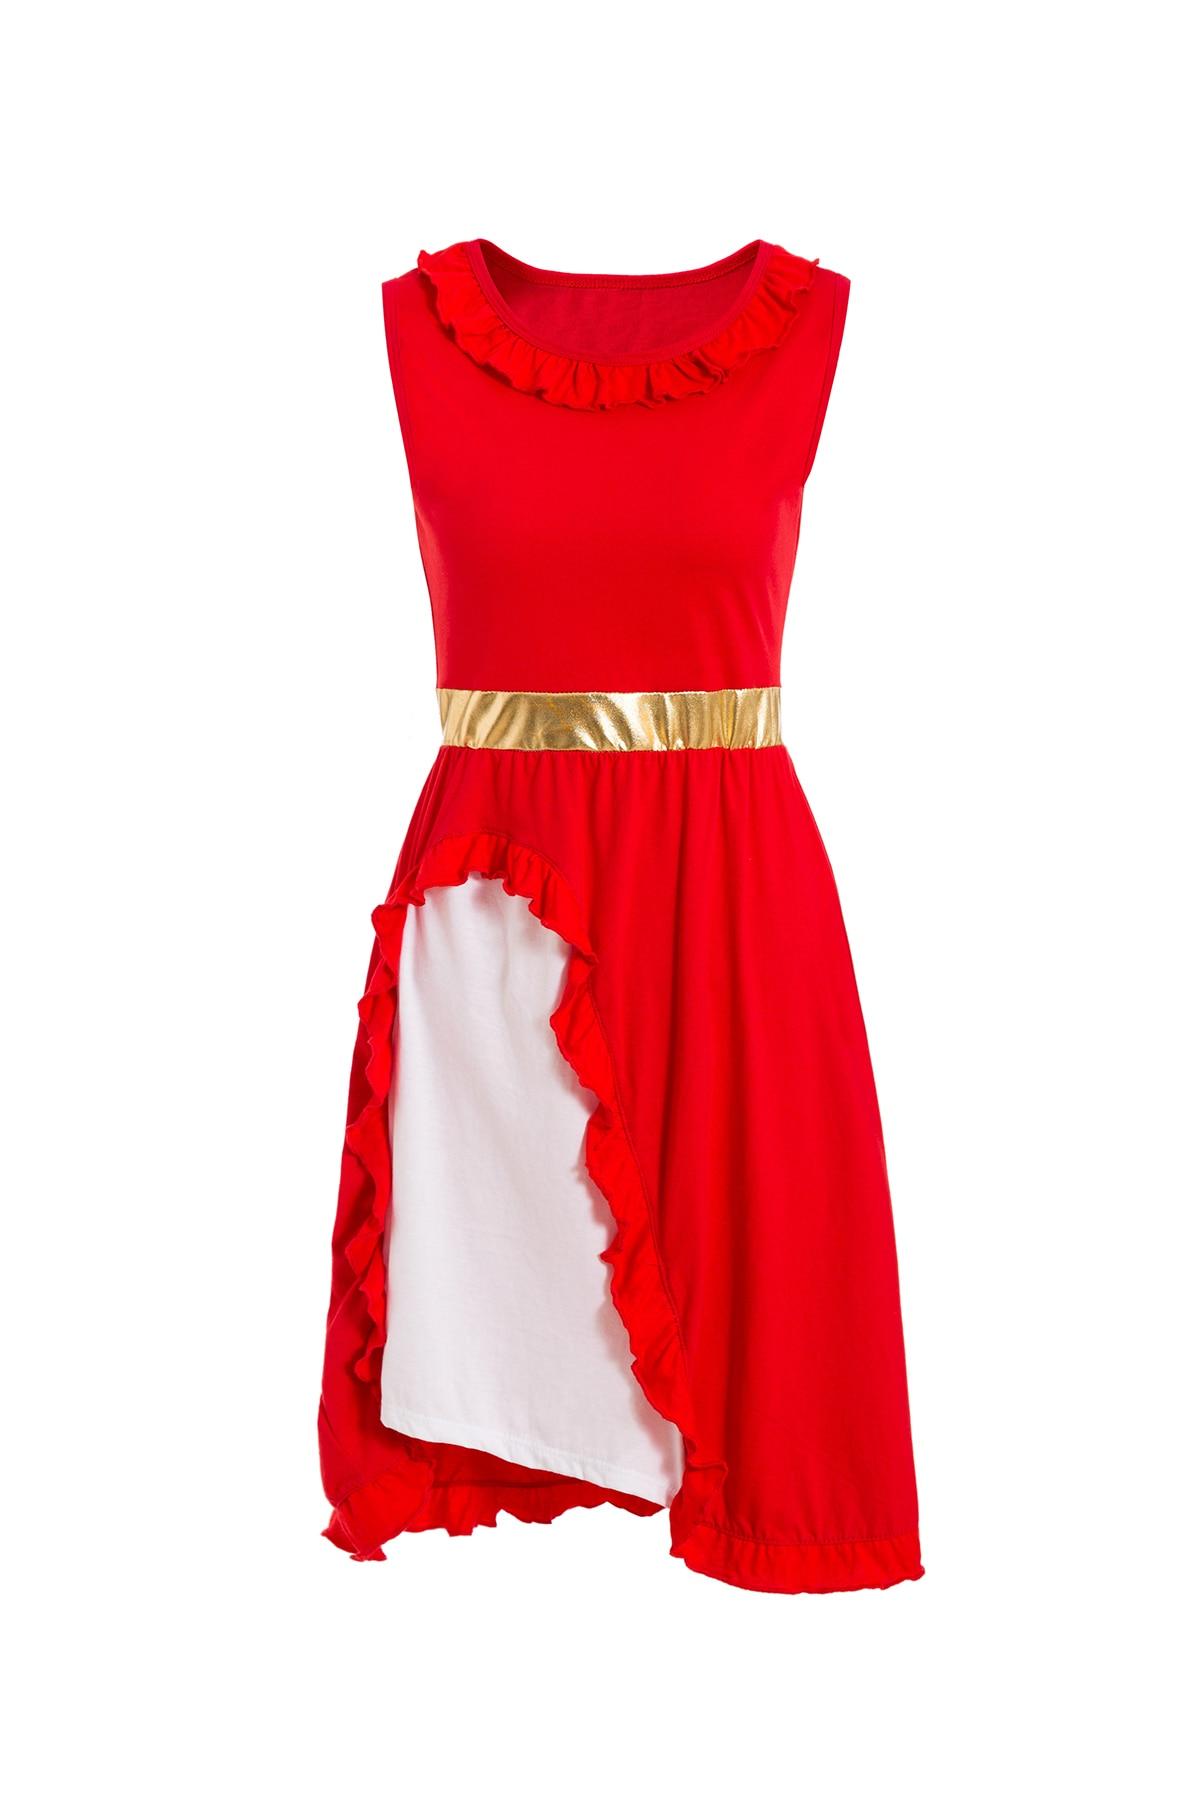 Платье принцессы для взрослых; одинаковый семейный маскарадный костюм «Минни Маус и я»; женское платье принцессы в горошек; большие размеры - Цвет: Elena